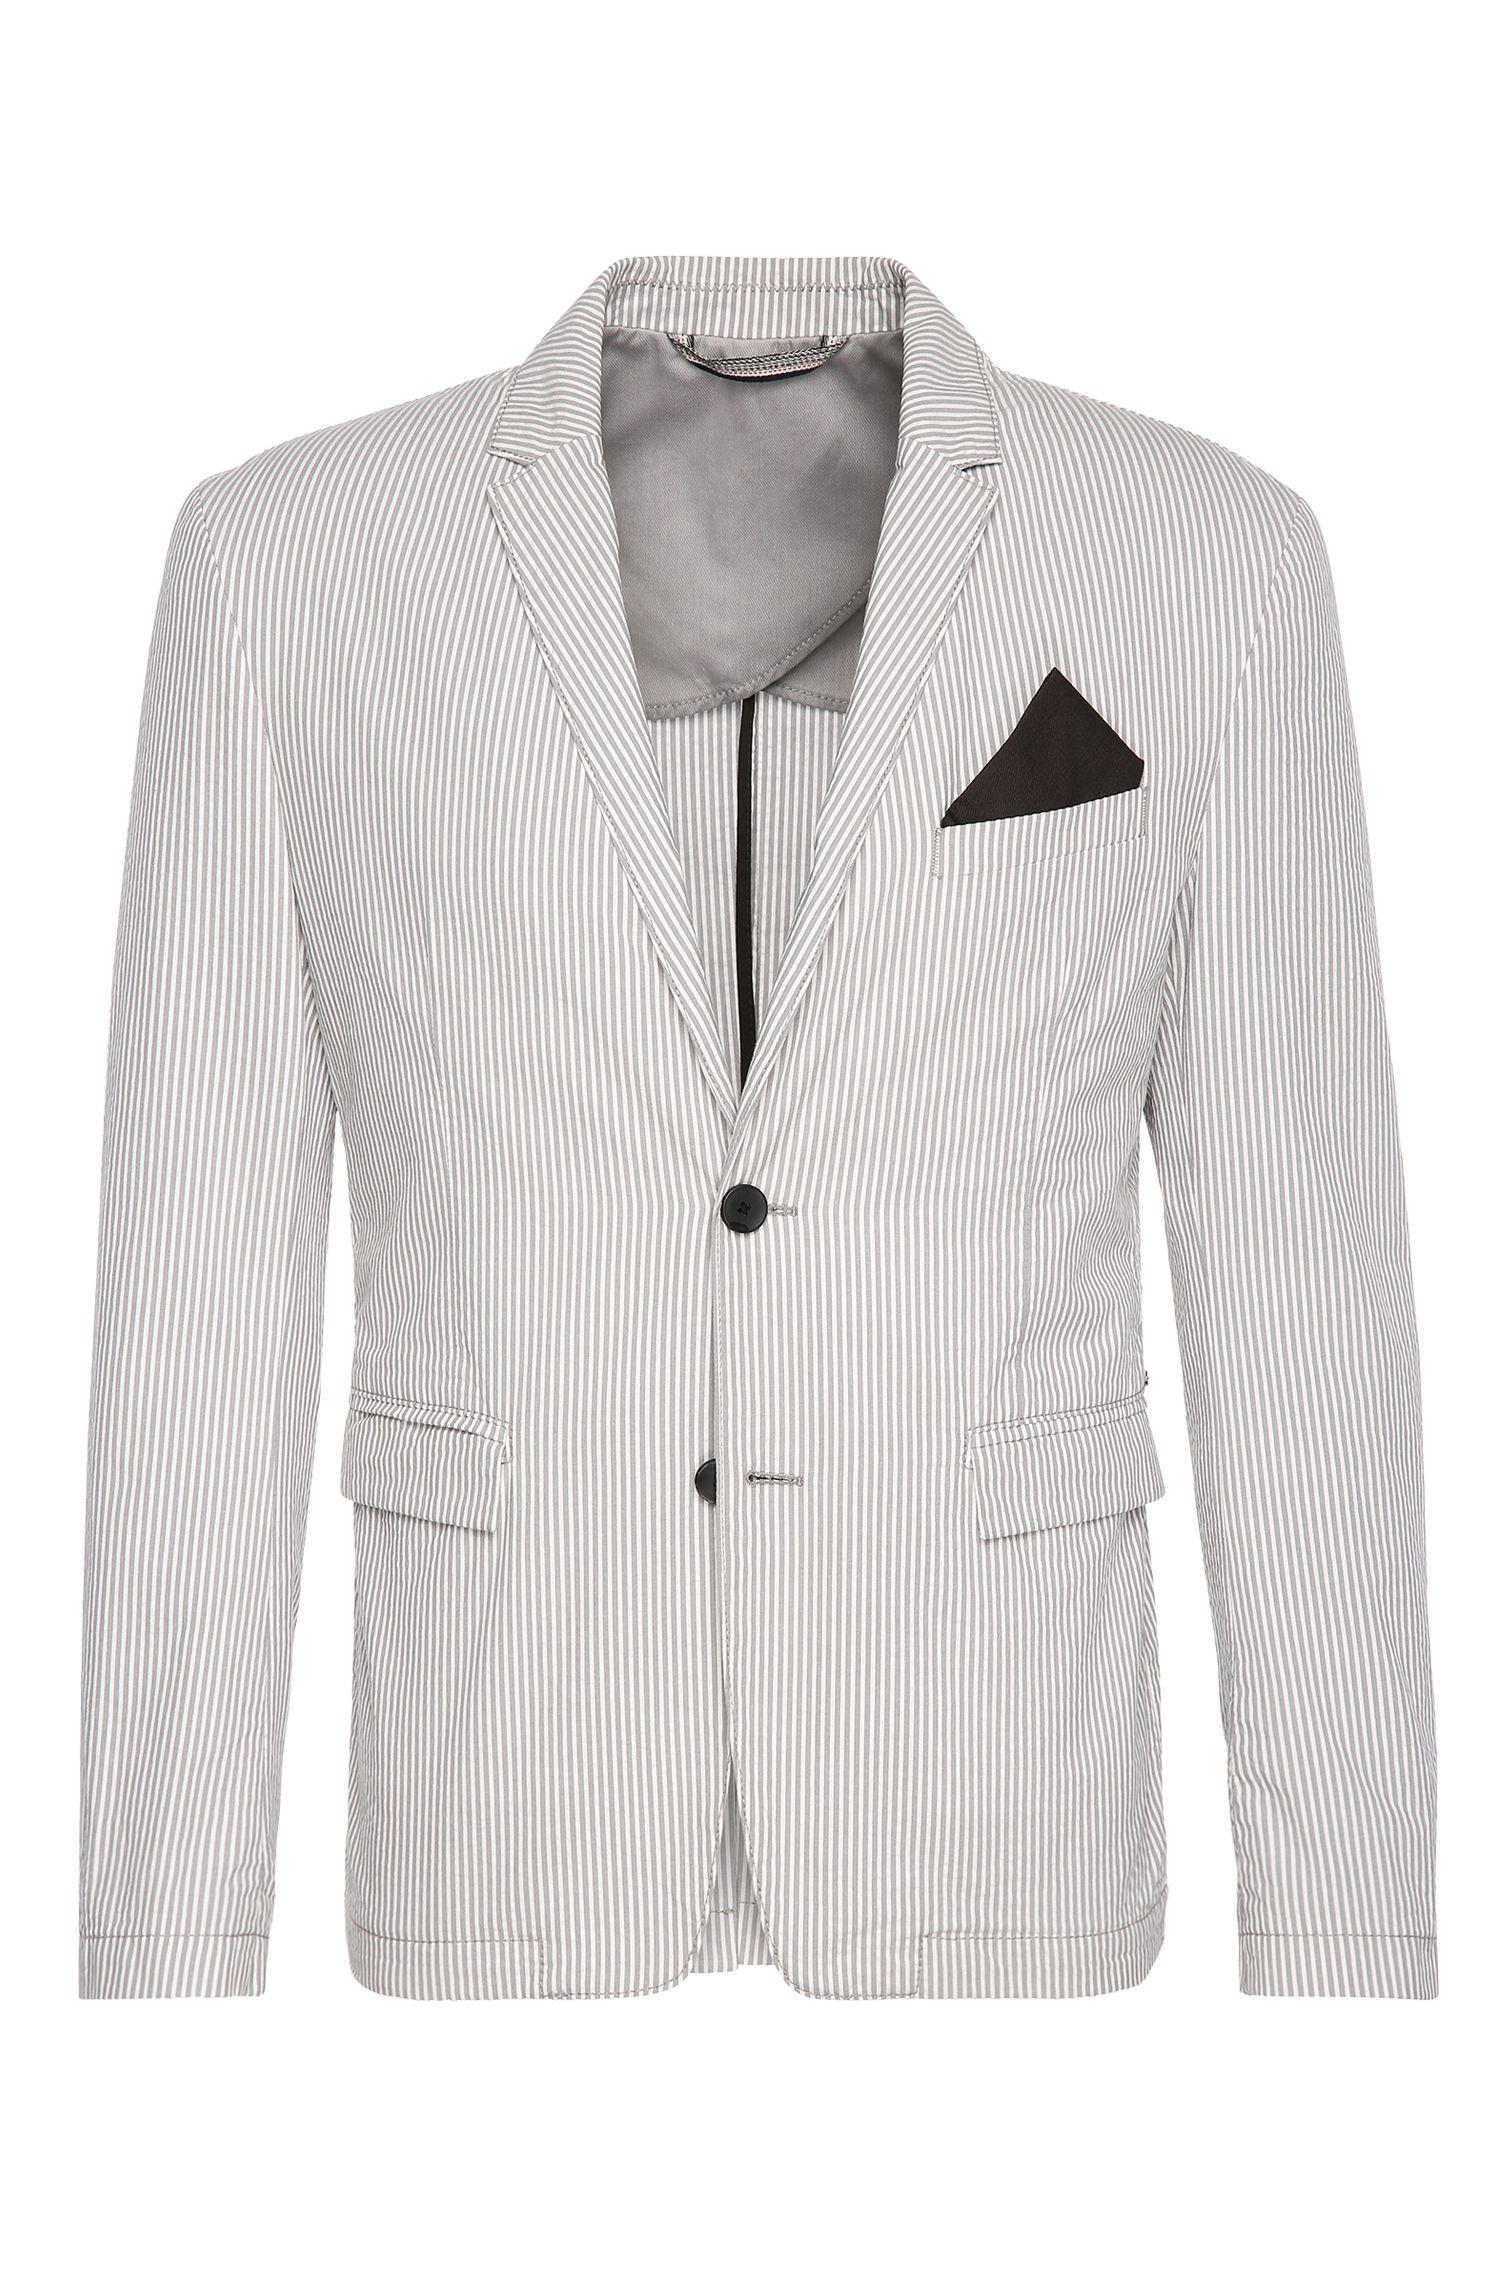 'Bans BS W'   Slim Fit, Cotton Seersucker Sport Coat